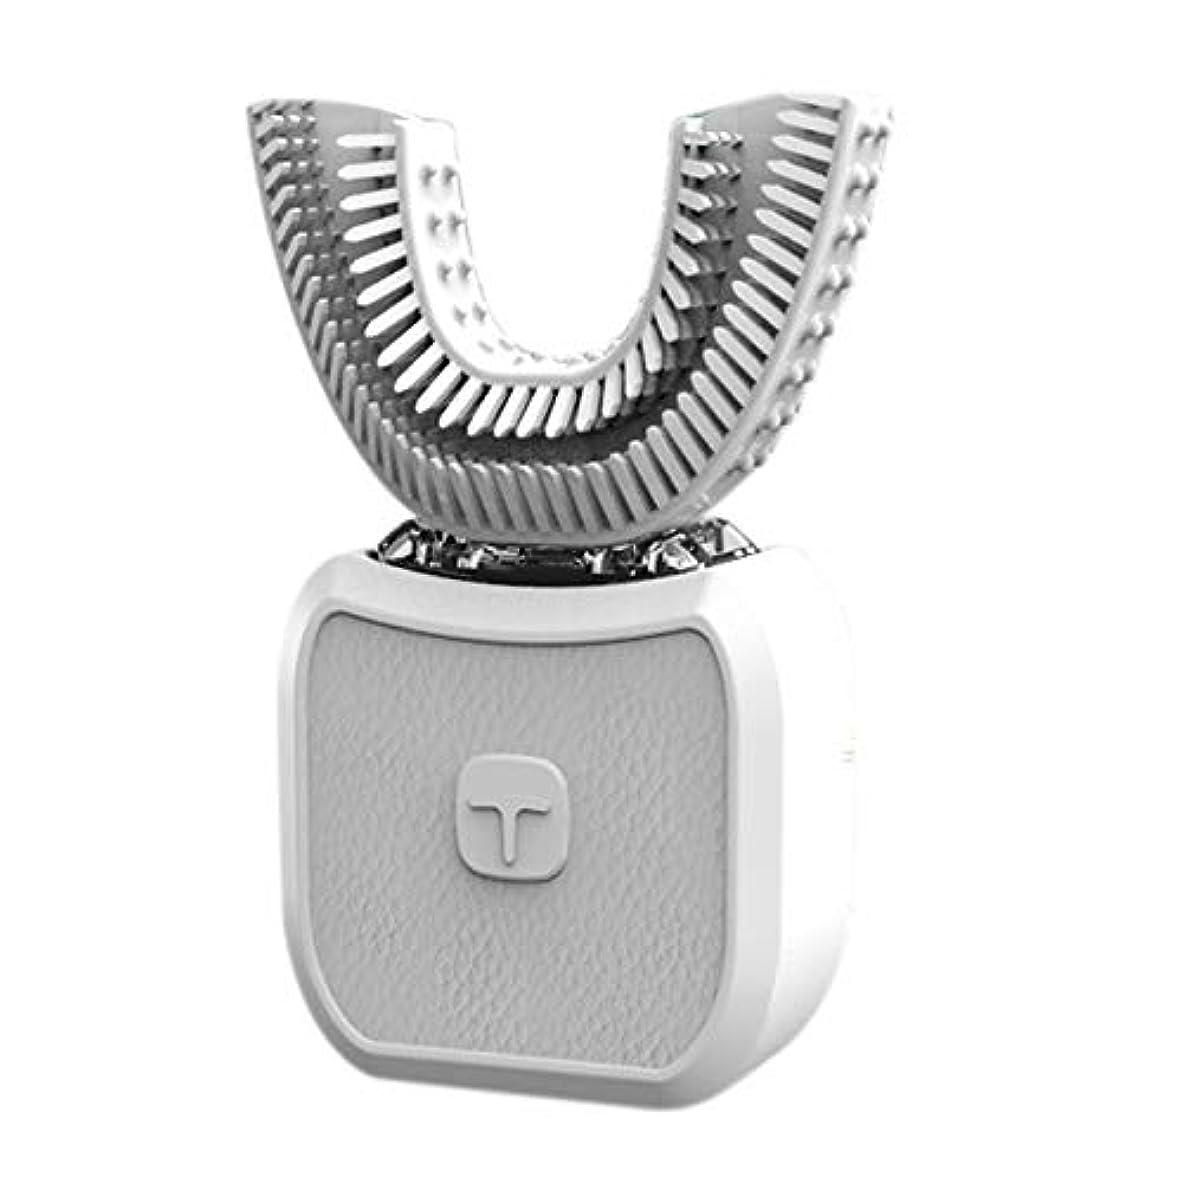 ノミネート識字煙フルオートマチック可変周波数電動歯ブラシ、自動360度U字型電動歯ブラシ、ワイヤレス充電IPX7防水自動歯ブラシ(大人用),White